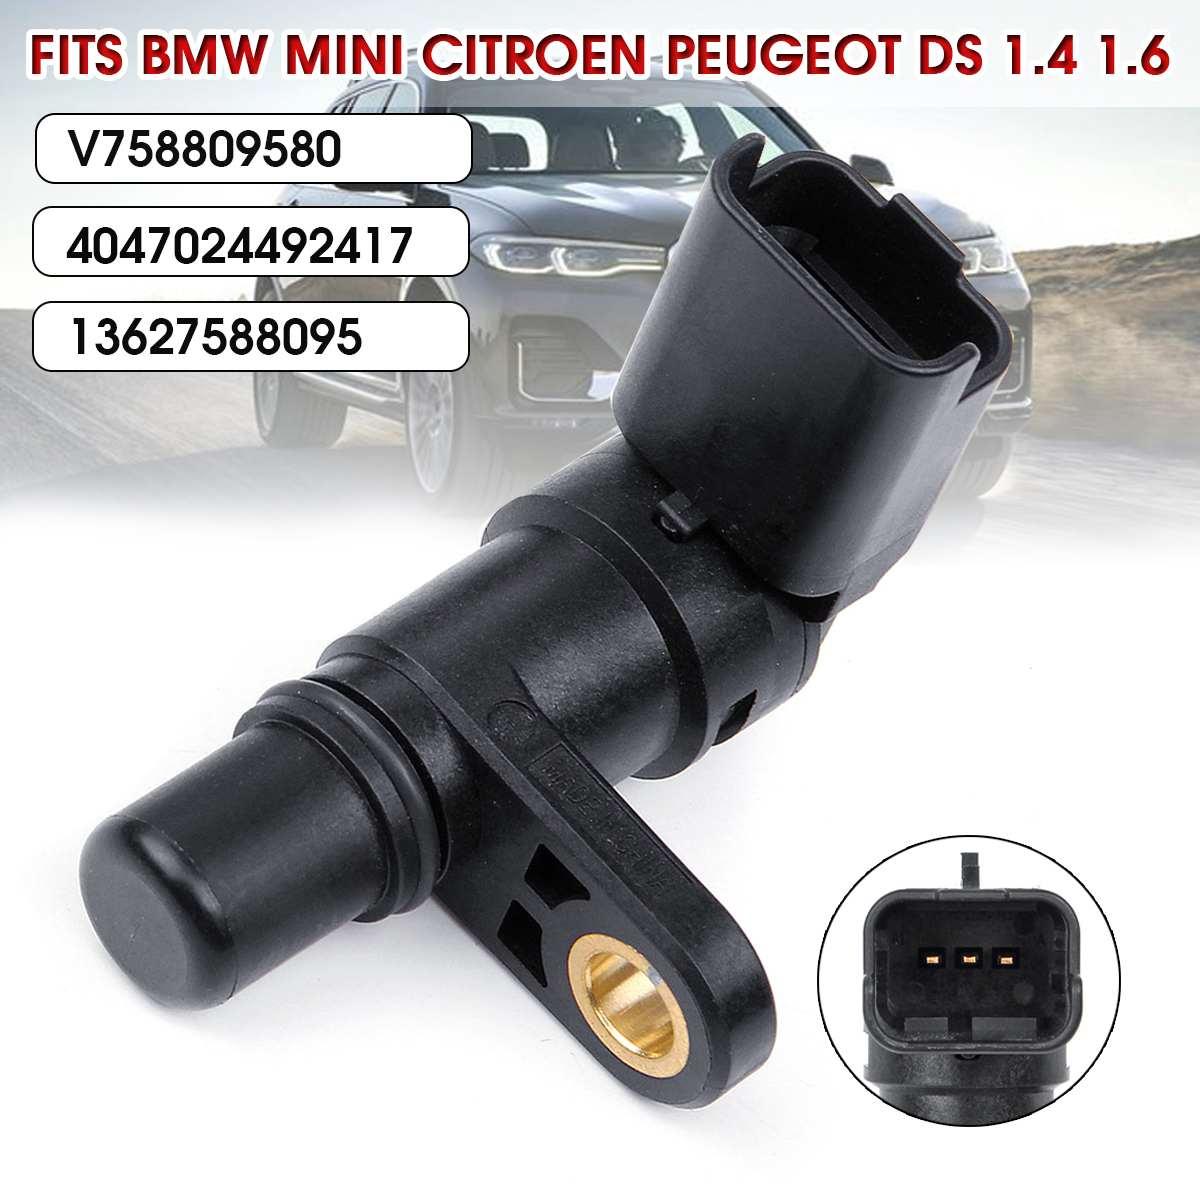 Coche sensor de posición de árbol de levas para BMW Mini Cirtoen Peugeot DS 1,4 de 1,6 de 13627588095 V758809580 13627566052